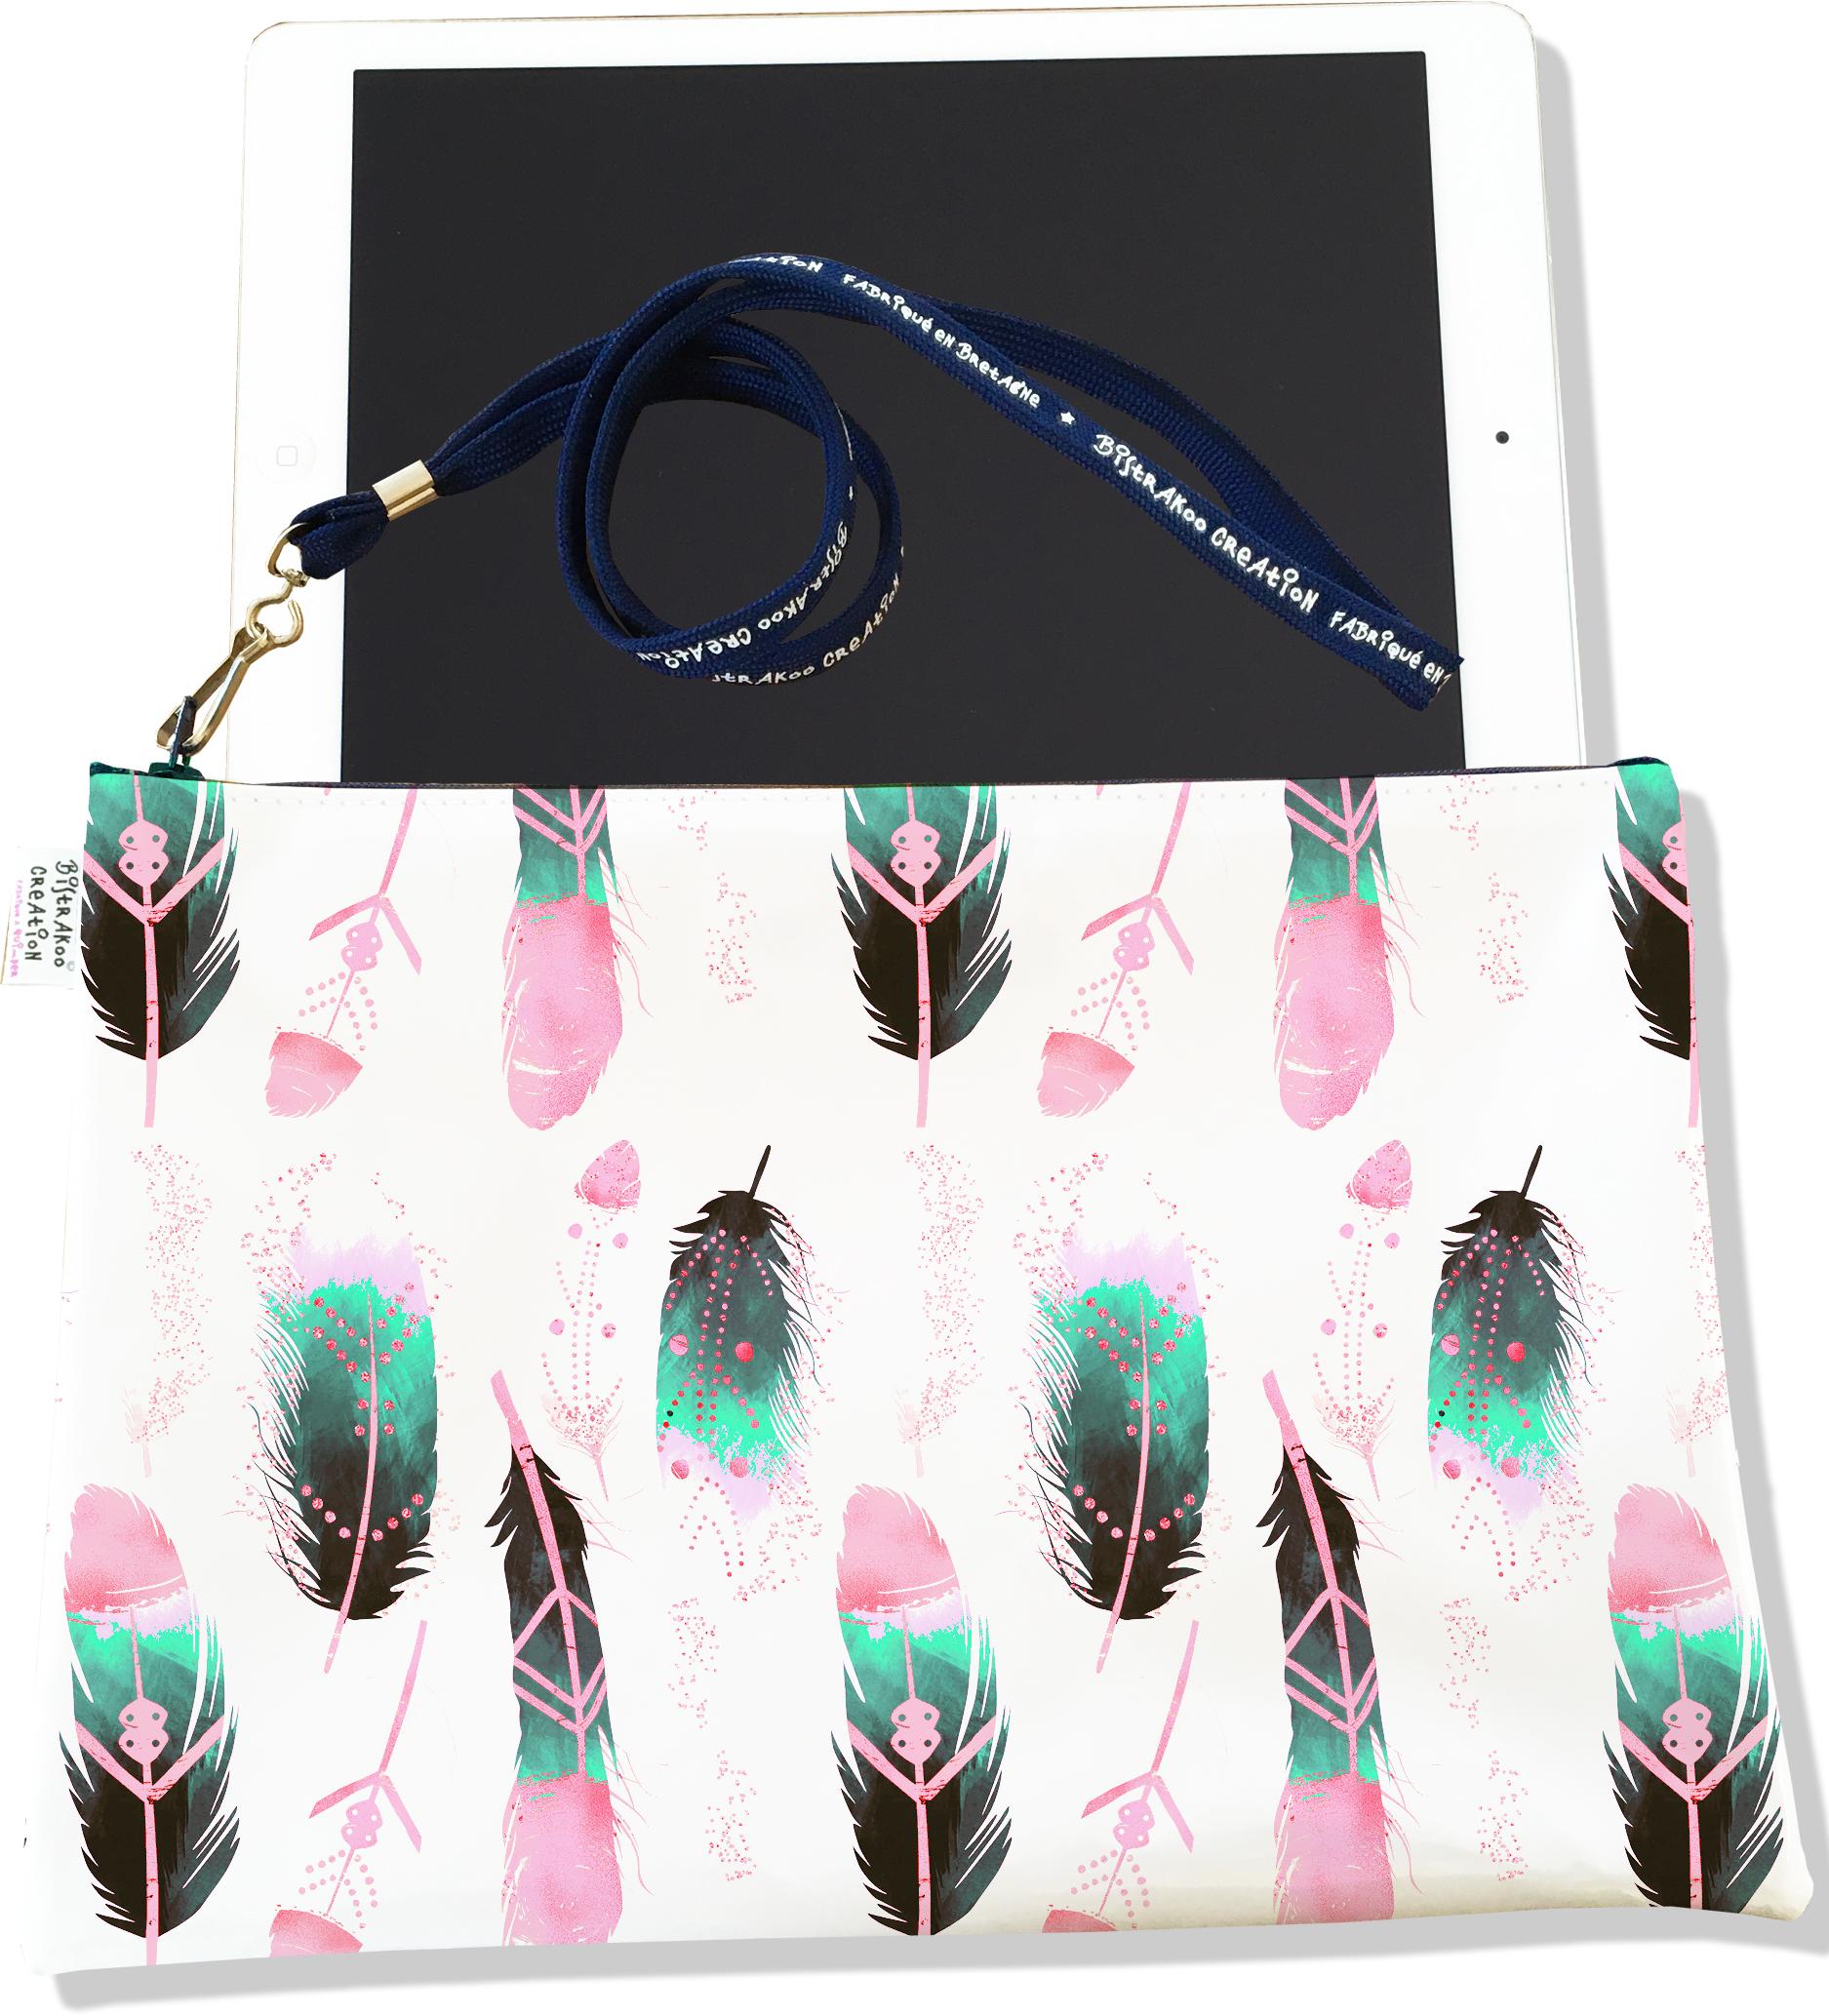 Housse pour tablette pour femme motif Plumes multicolores H6000-2019